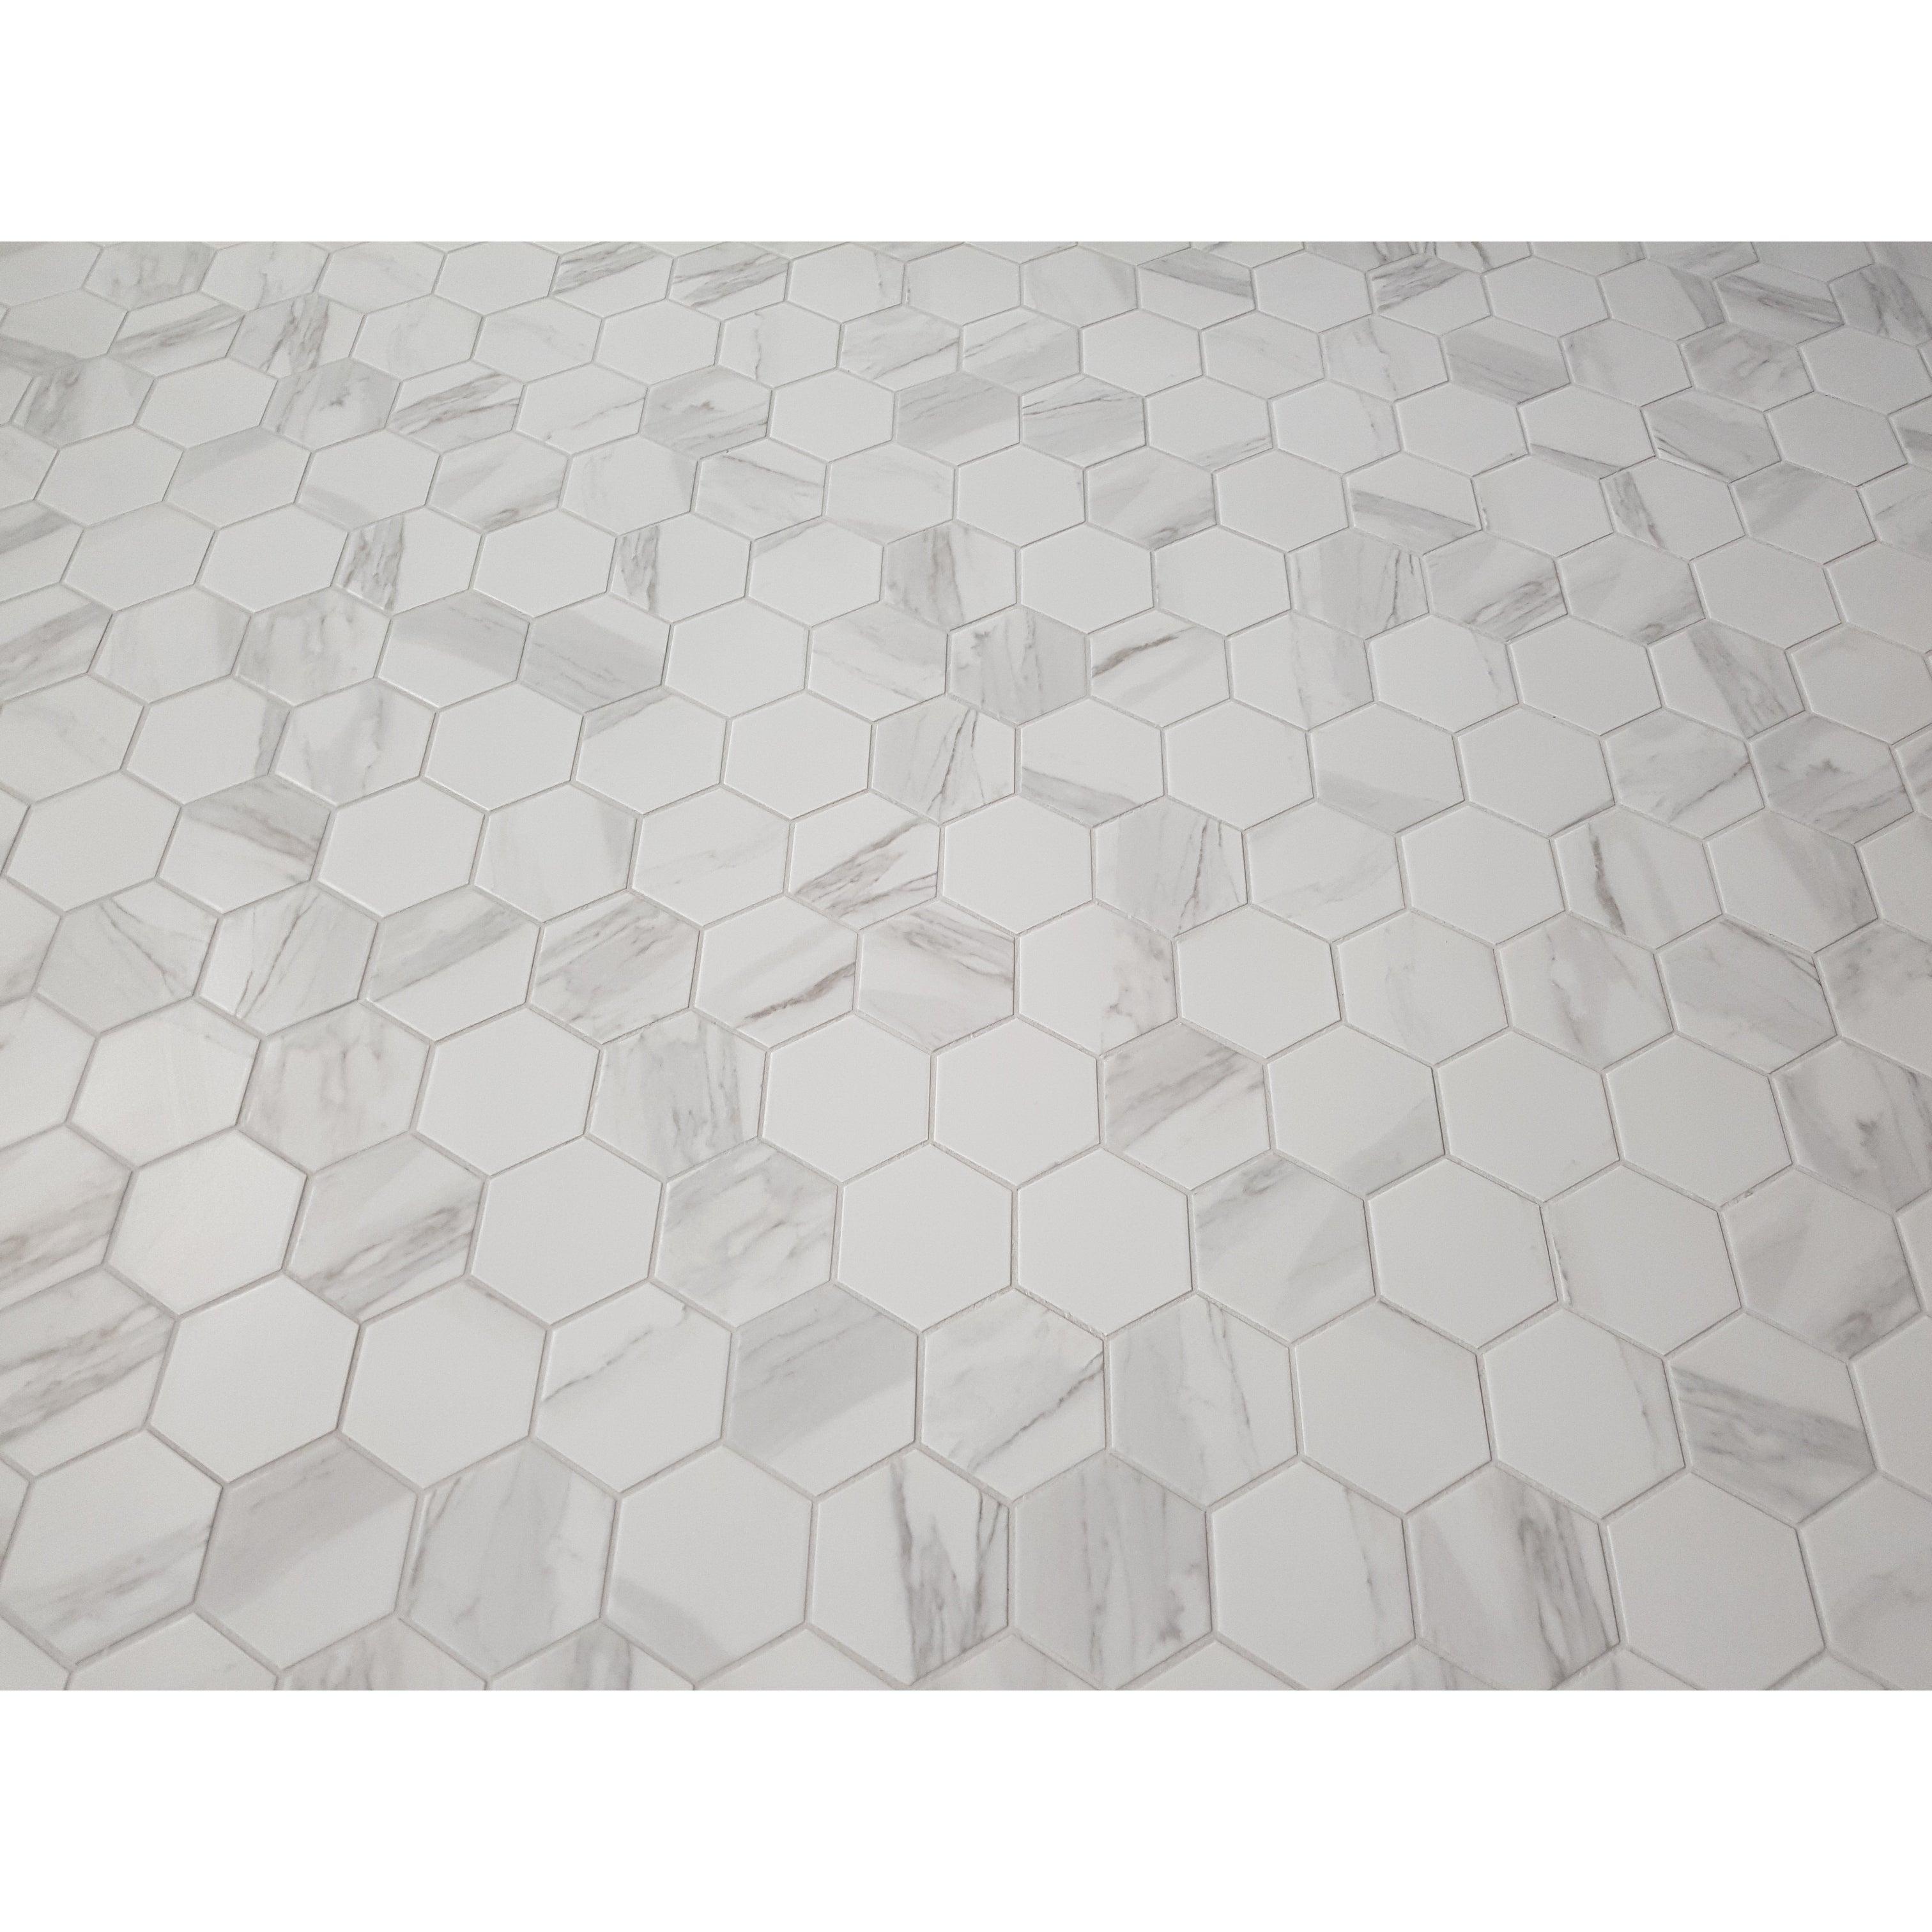 Barcelona Hexagon Glazed Porcelain